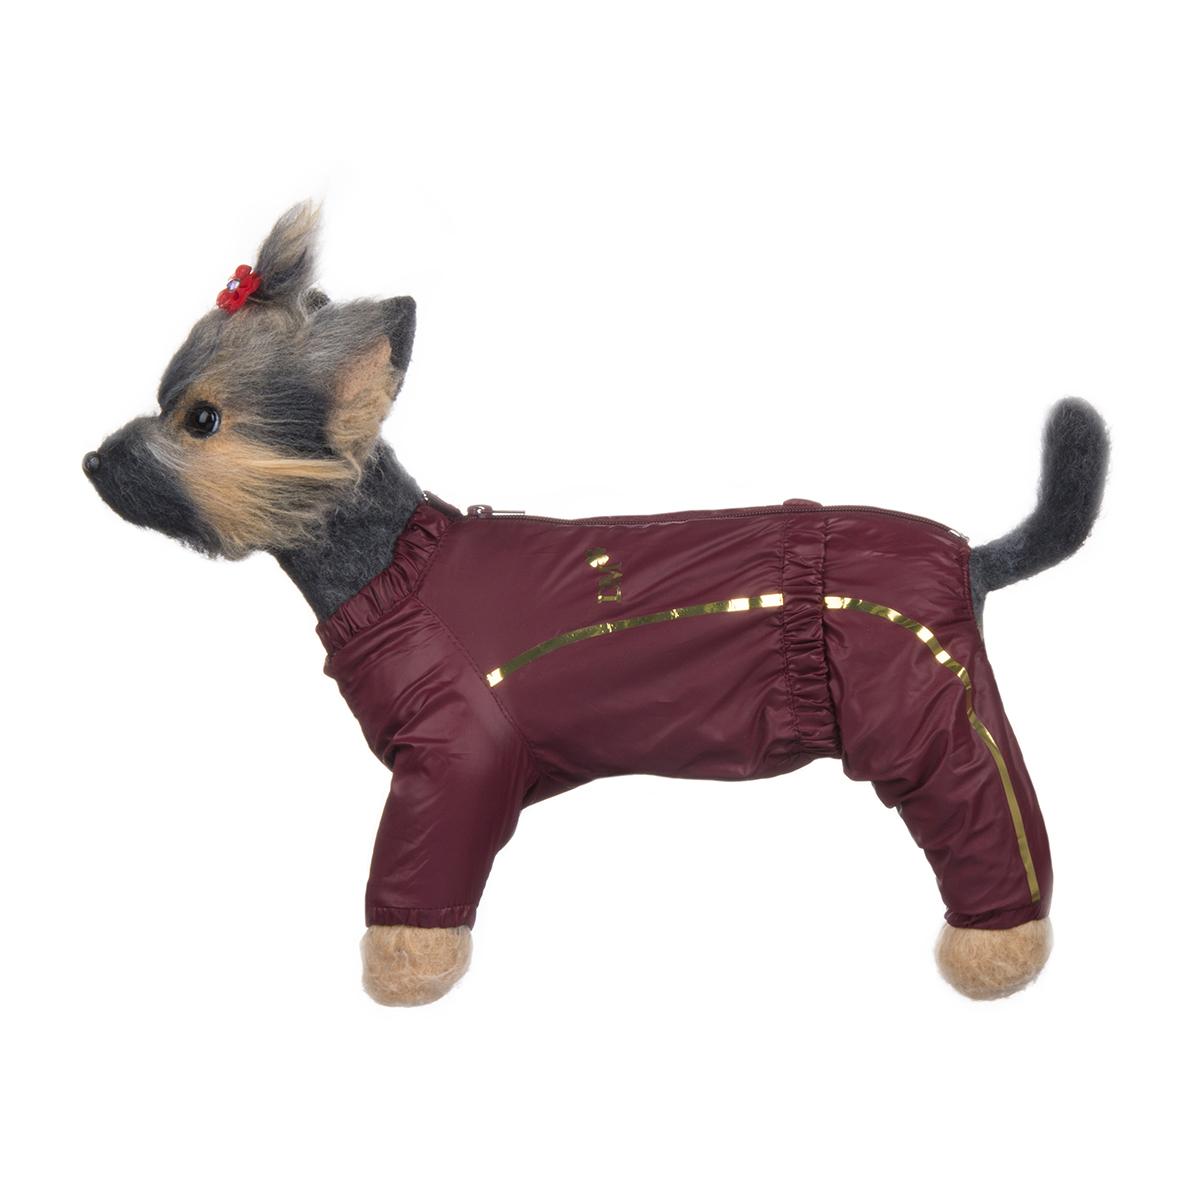 Комбинезон для собак Dogmoda Альпы, для девочки, цвет: бордовый. Размер 4 (XL) комбинезон для собак dogmoda doggs зимний для девочки цвет фиолетовый размер xxl